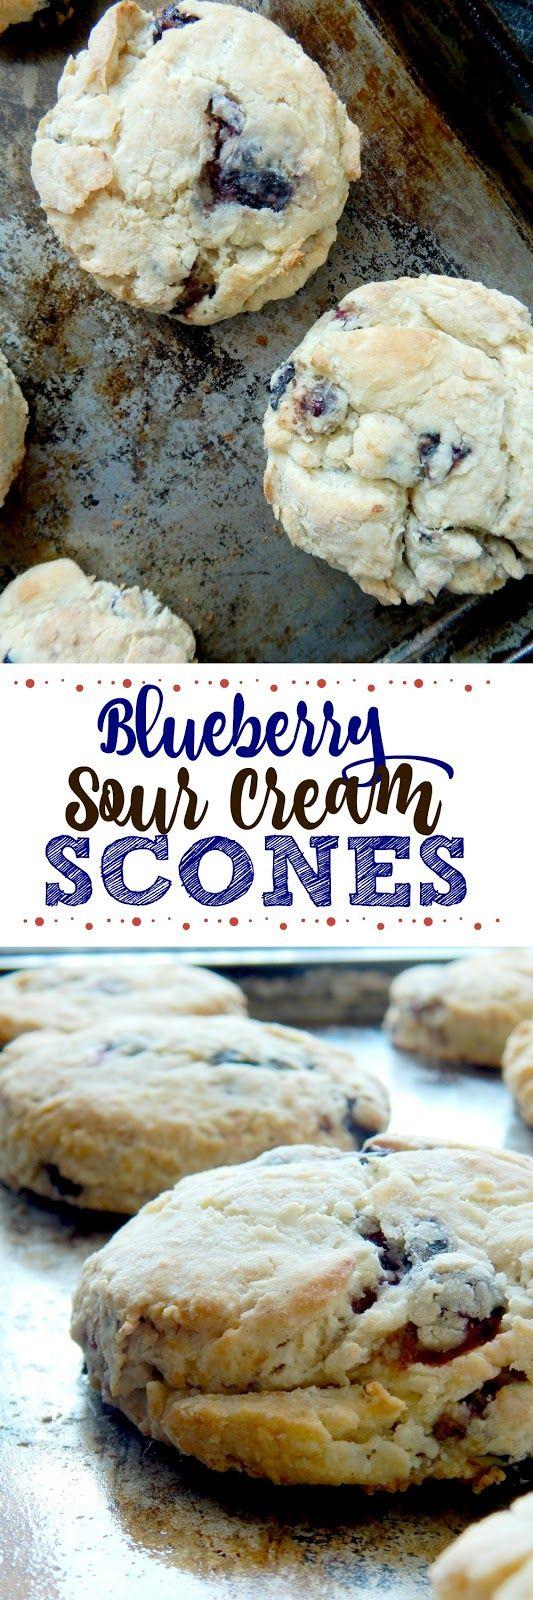 Blueberry Sour Cream Scones Recipe Sour Cream Scones Cream Scones Dessert Recipes